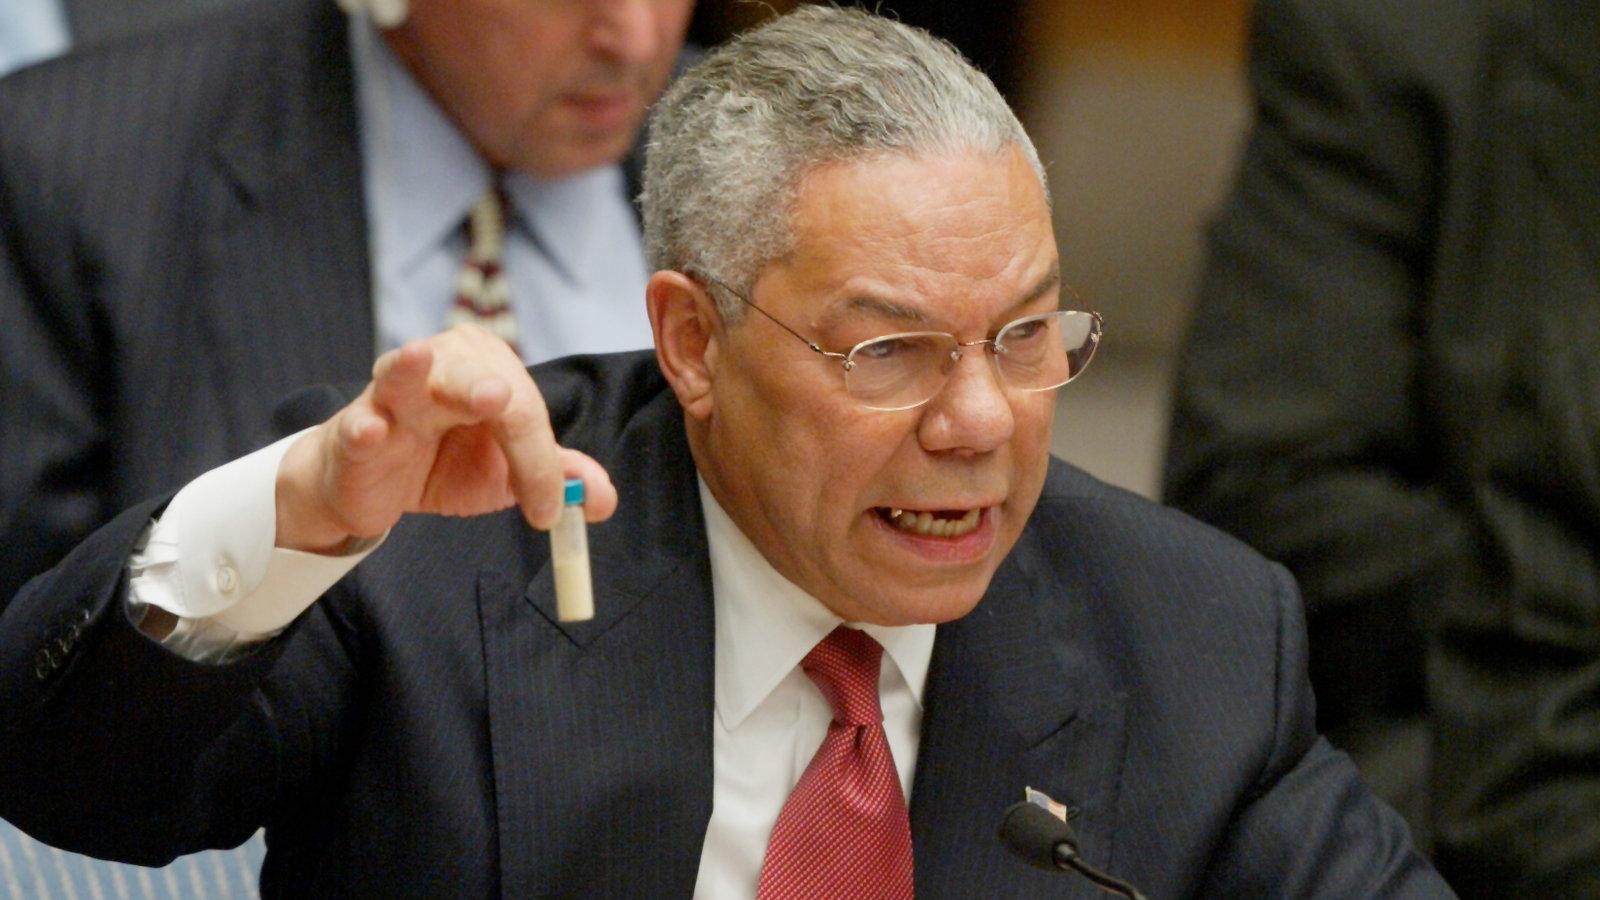 """2003年2月,时任美国国务卿鲍威尔拿着一管""""洗衣粉""""到联合国作证,声称伊拉克有大规模杀伤性武器。当年3月20日,美国绕开联合国安理会,单方面发动伊拉克战争。图自美媒"""